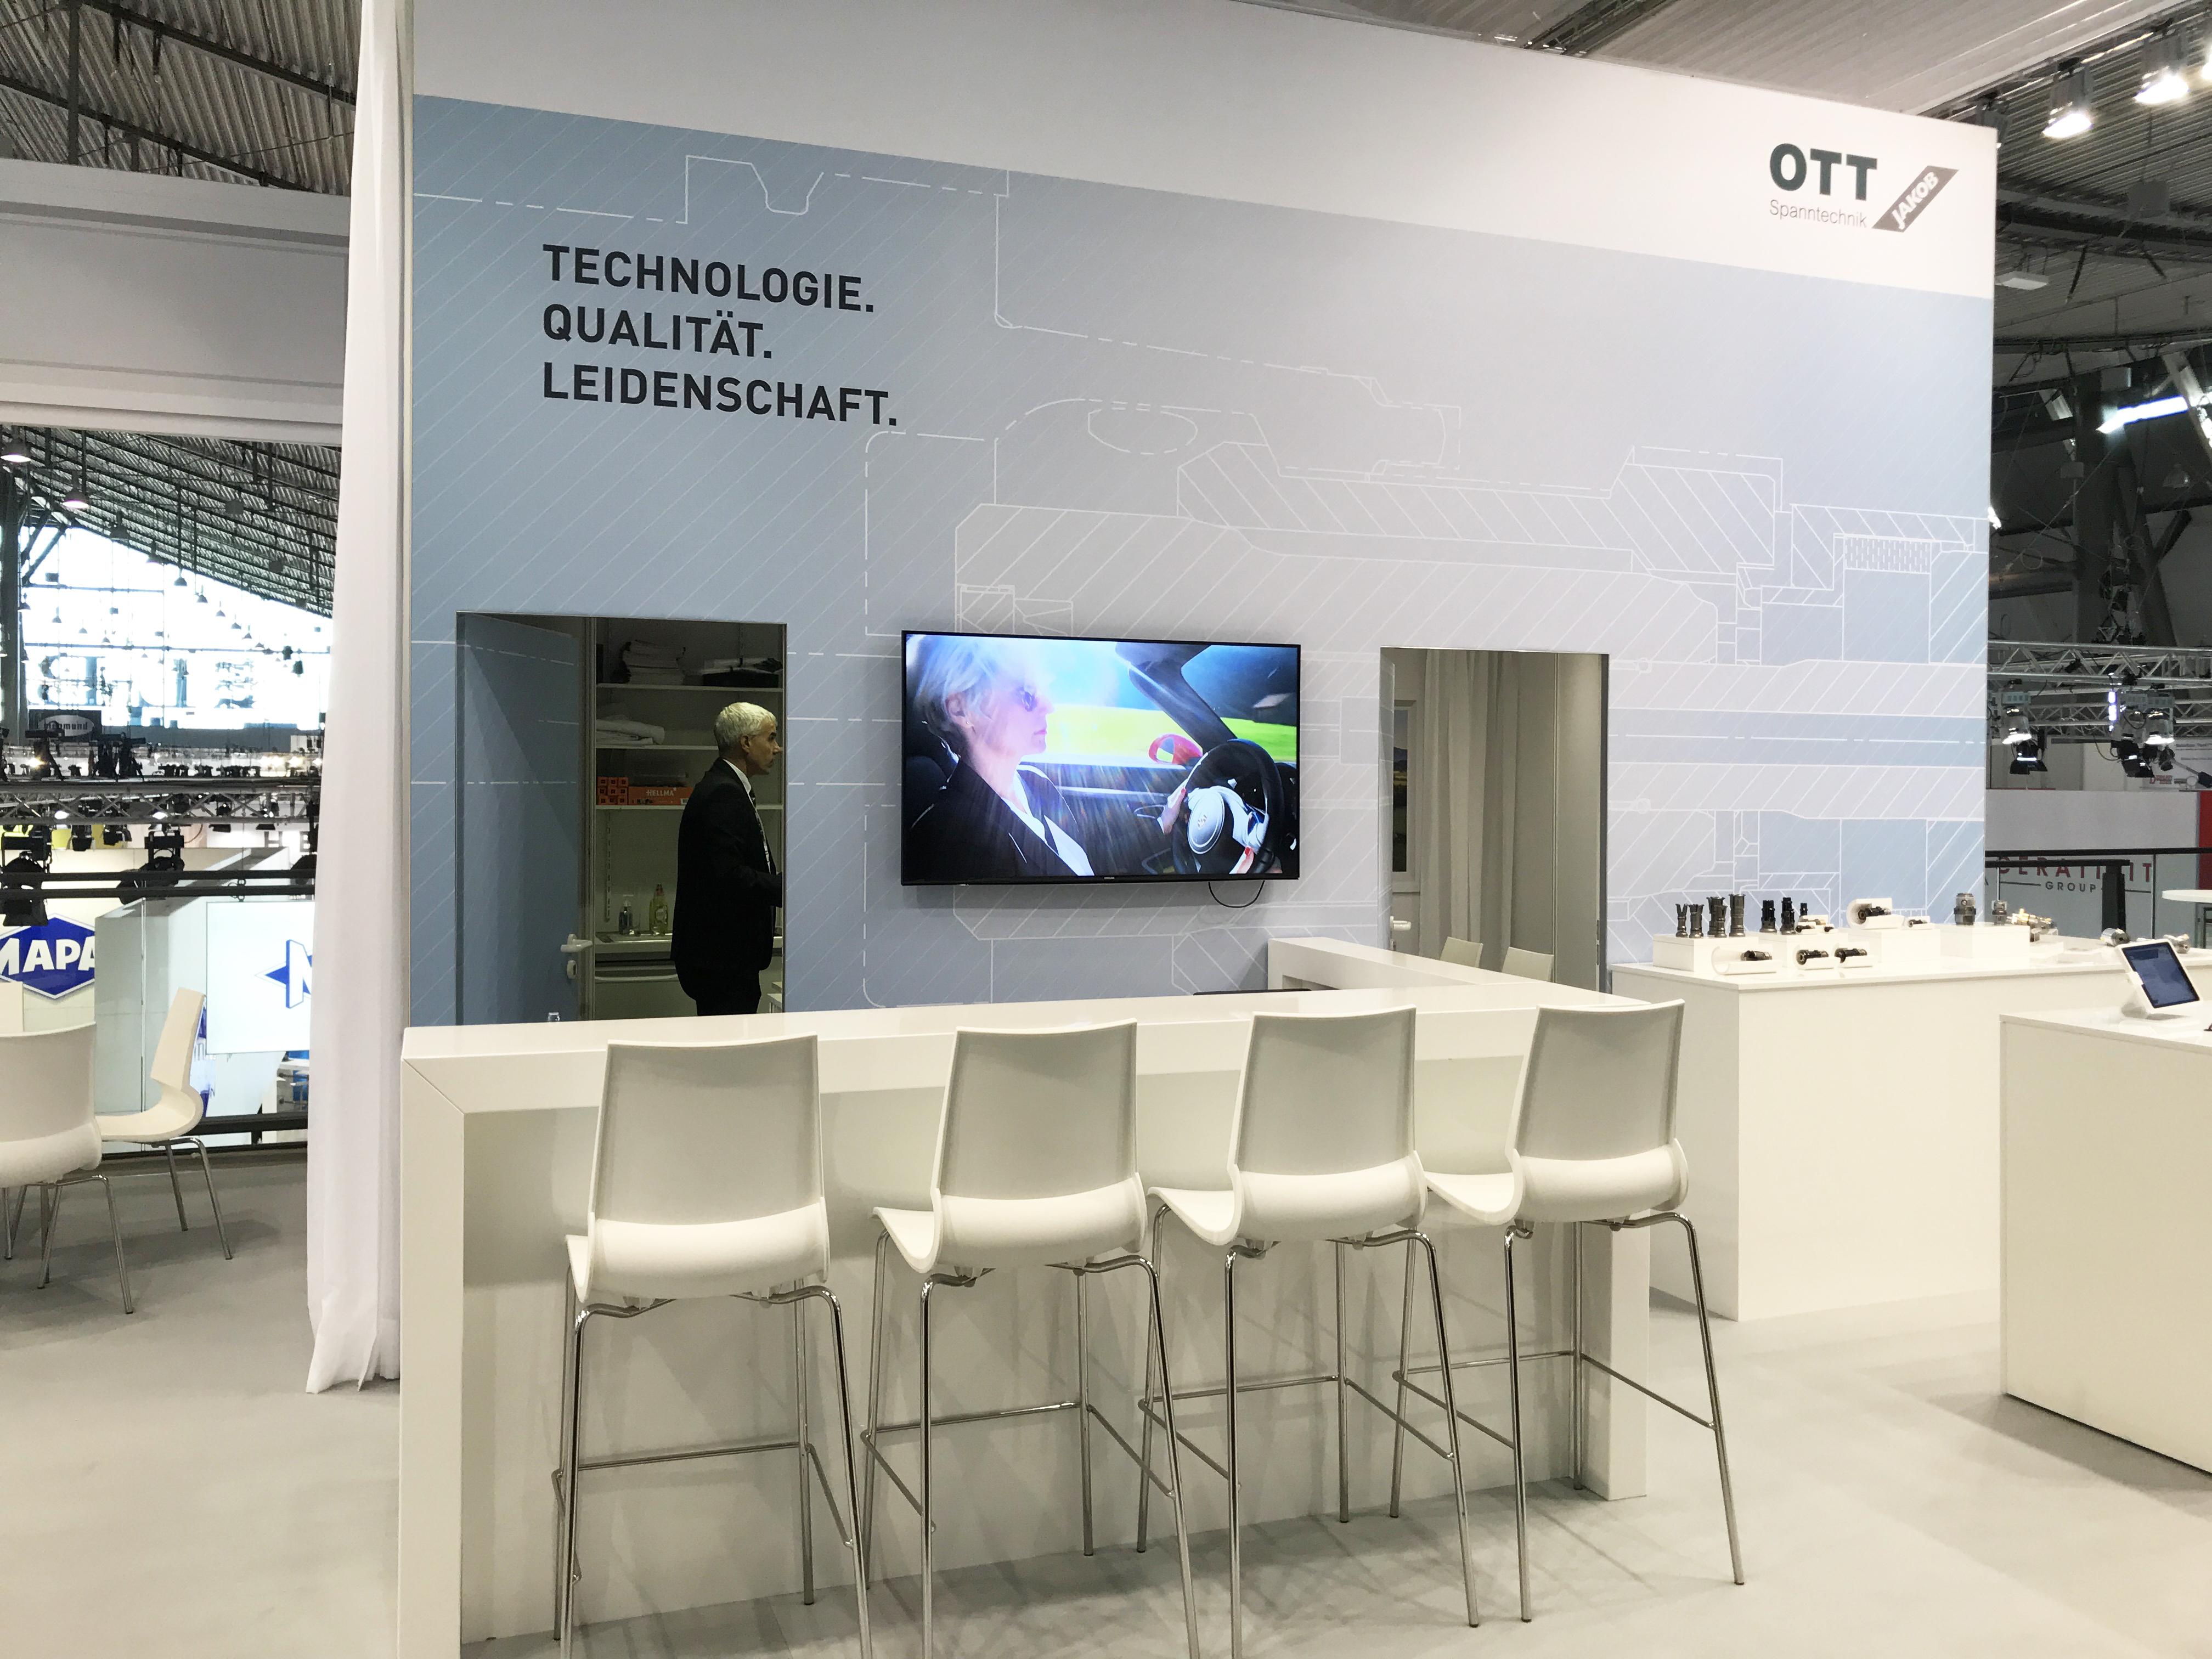 Ott Jakob - Unternehmen - Bild - OTT-JAKOB at AMB 2018